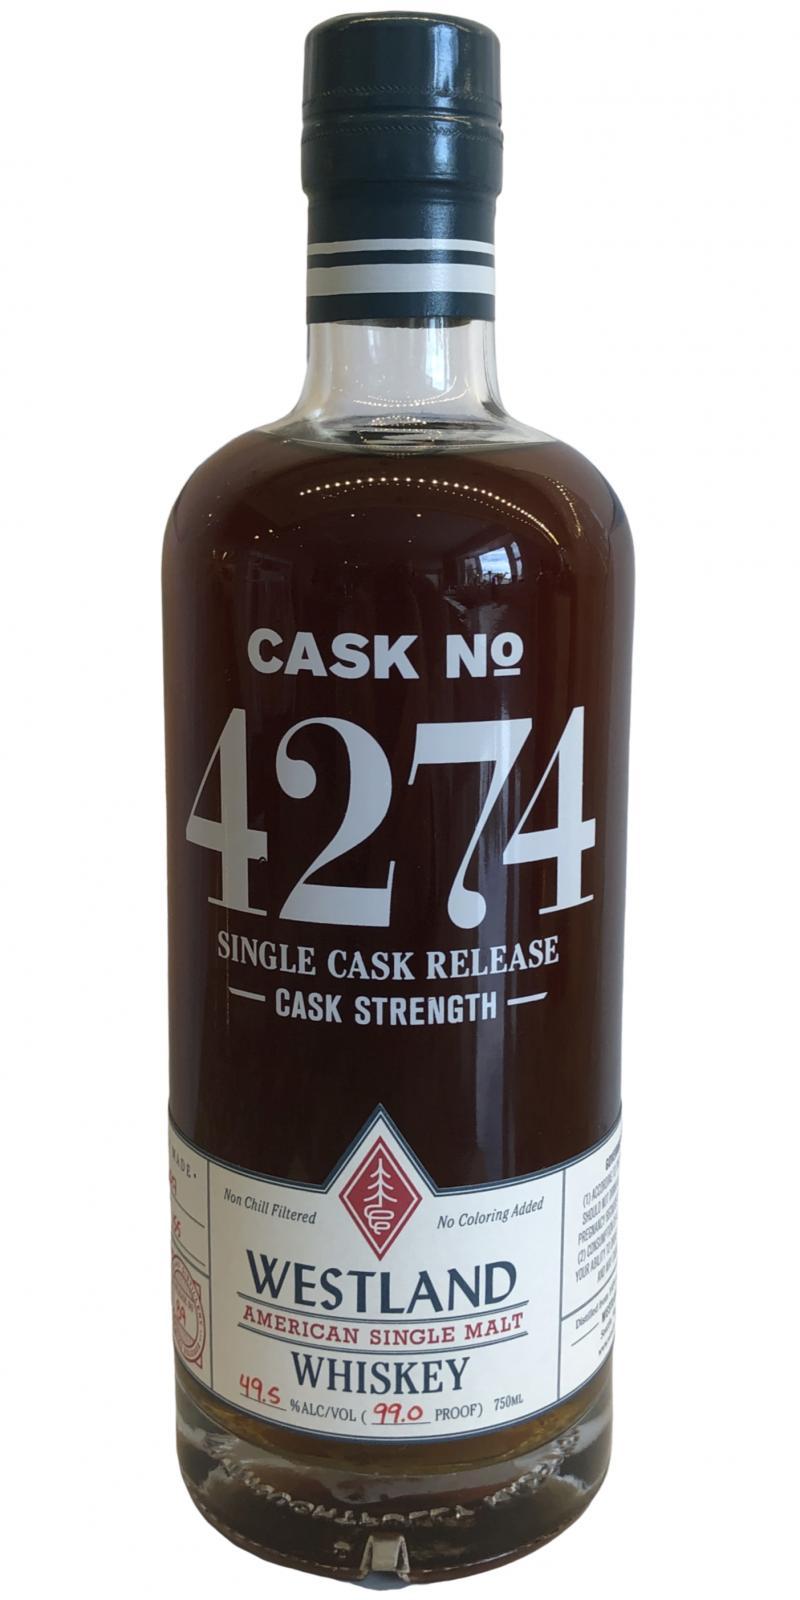 Westland Cask No. 4274